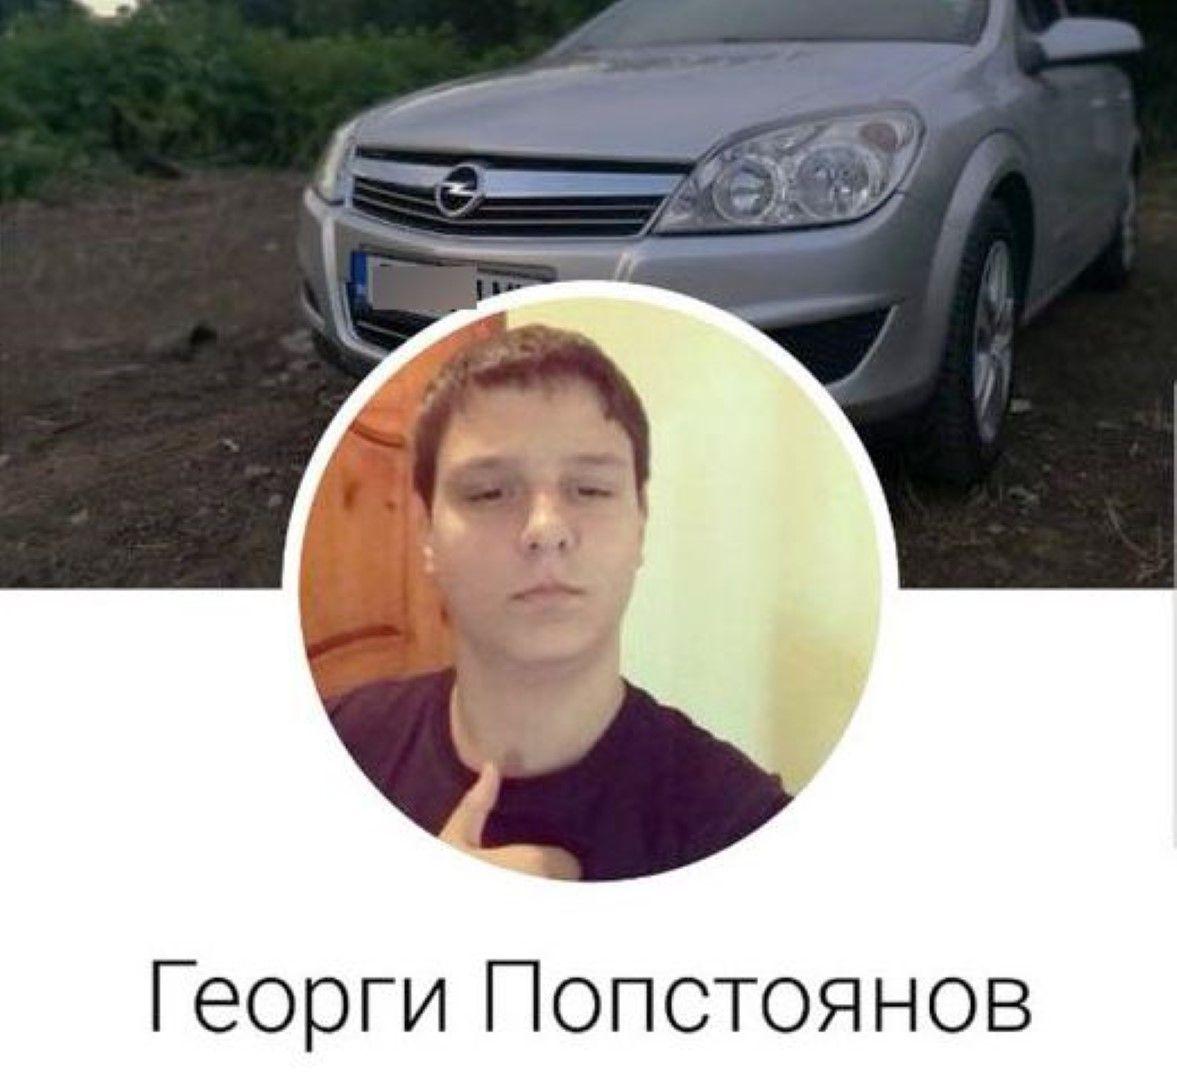 18-годишният Георги Попстоянов е задържан за 24 часа